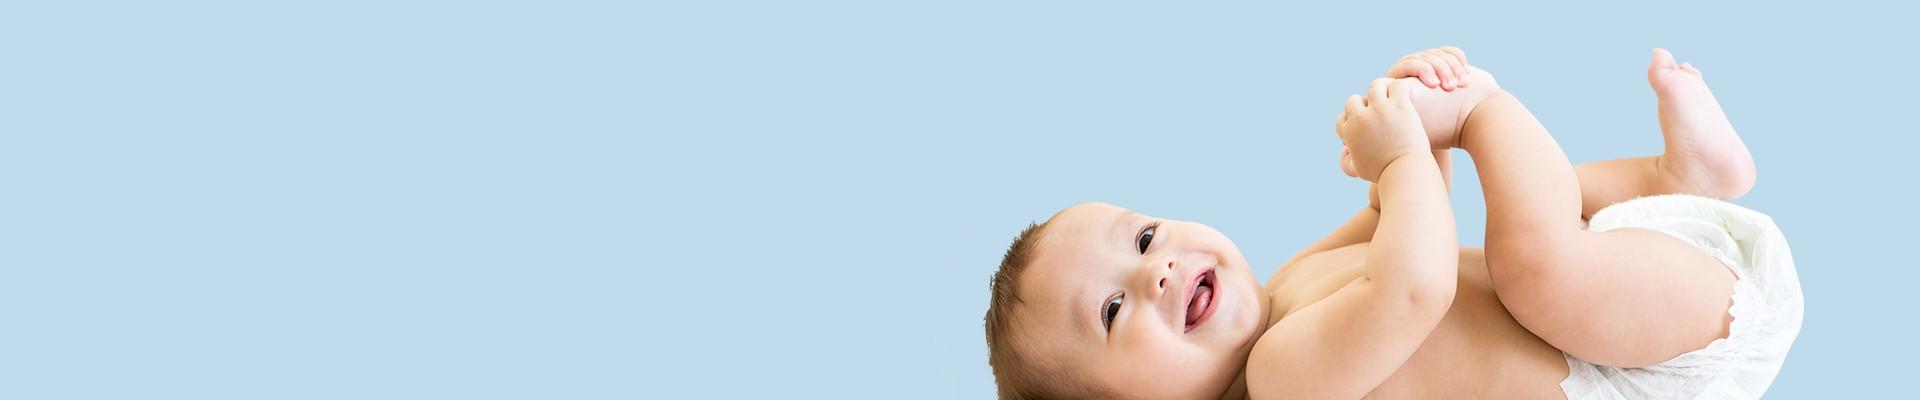 Jual Popok Bayi Online Terbaik & Terlengkap